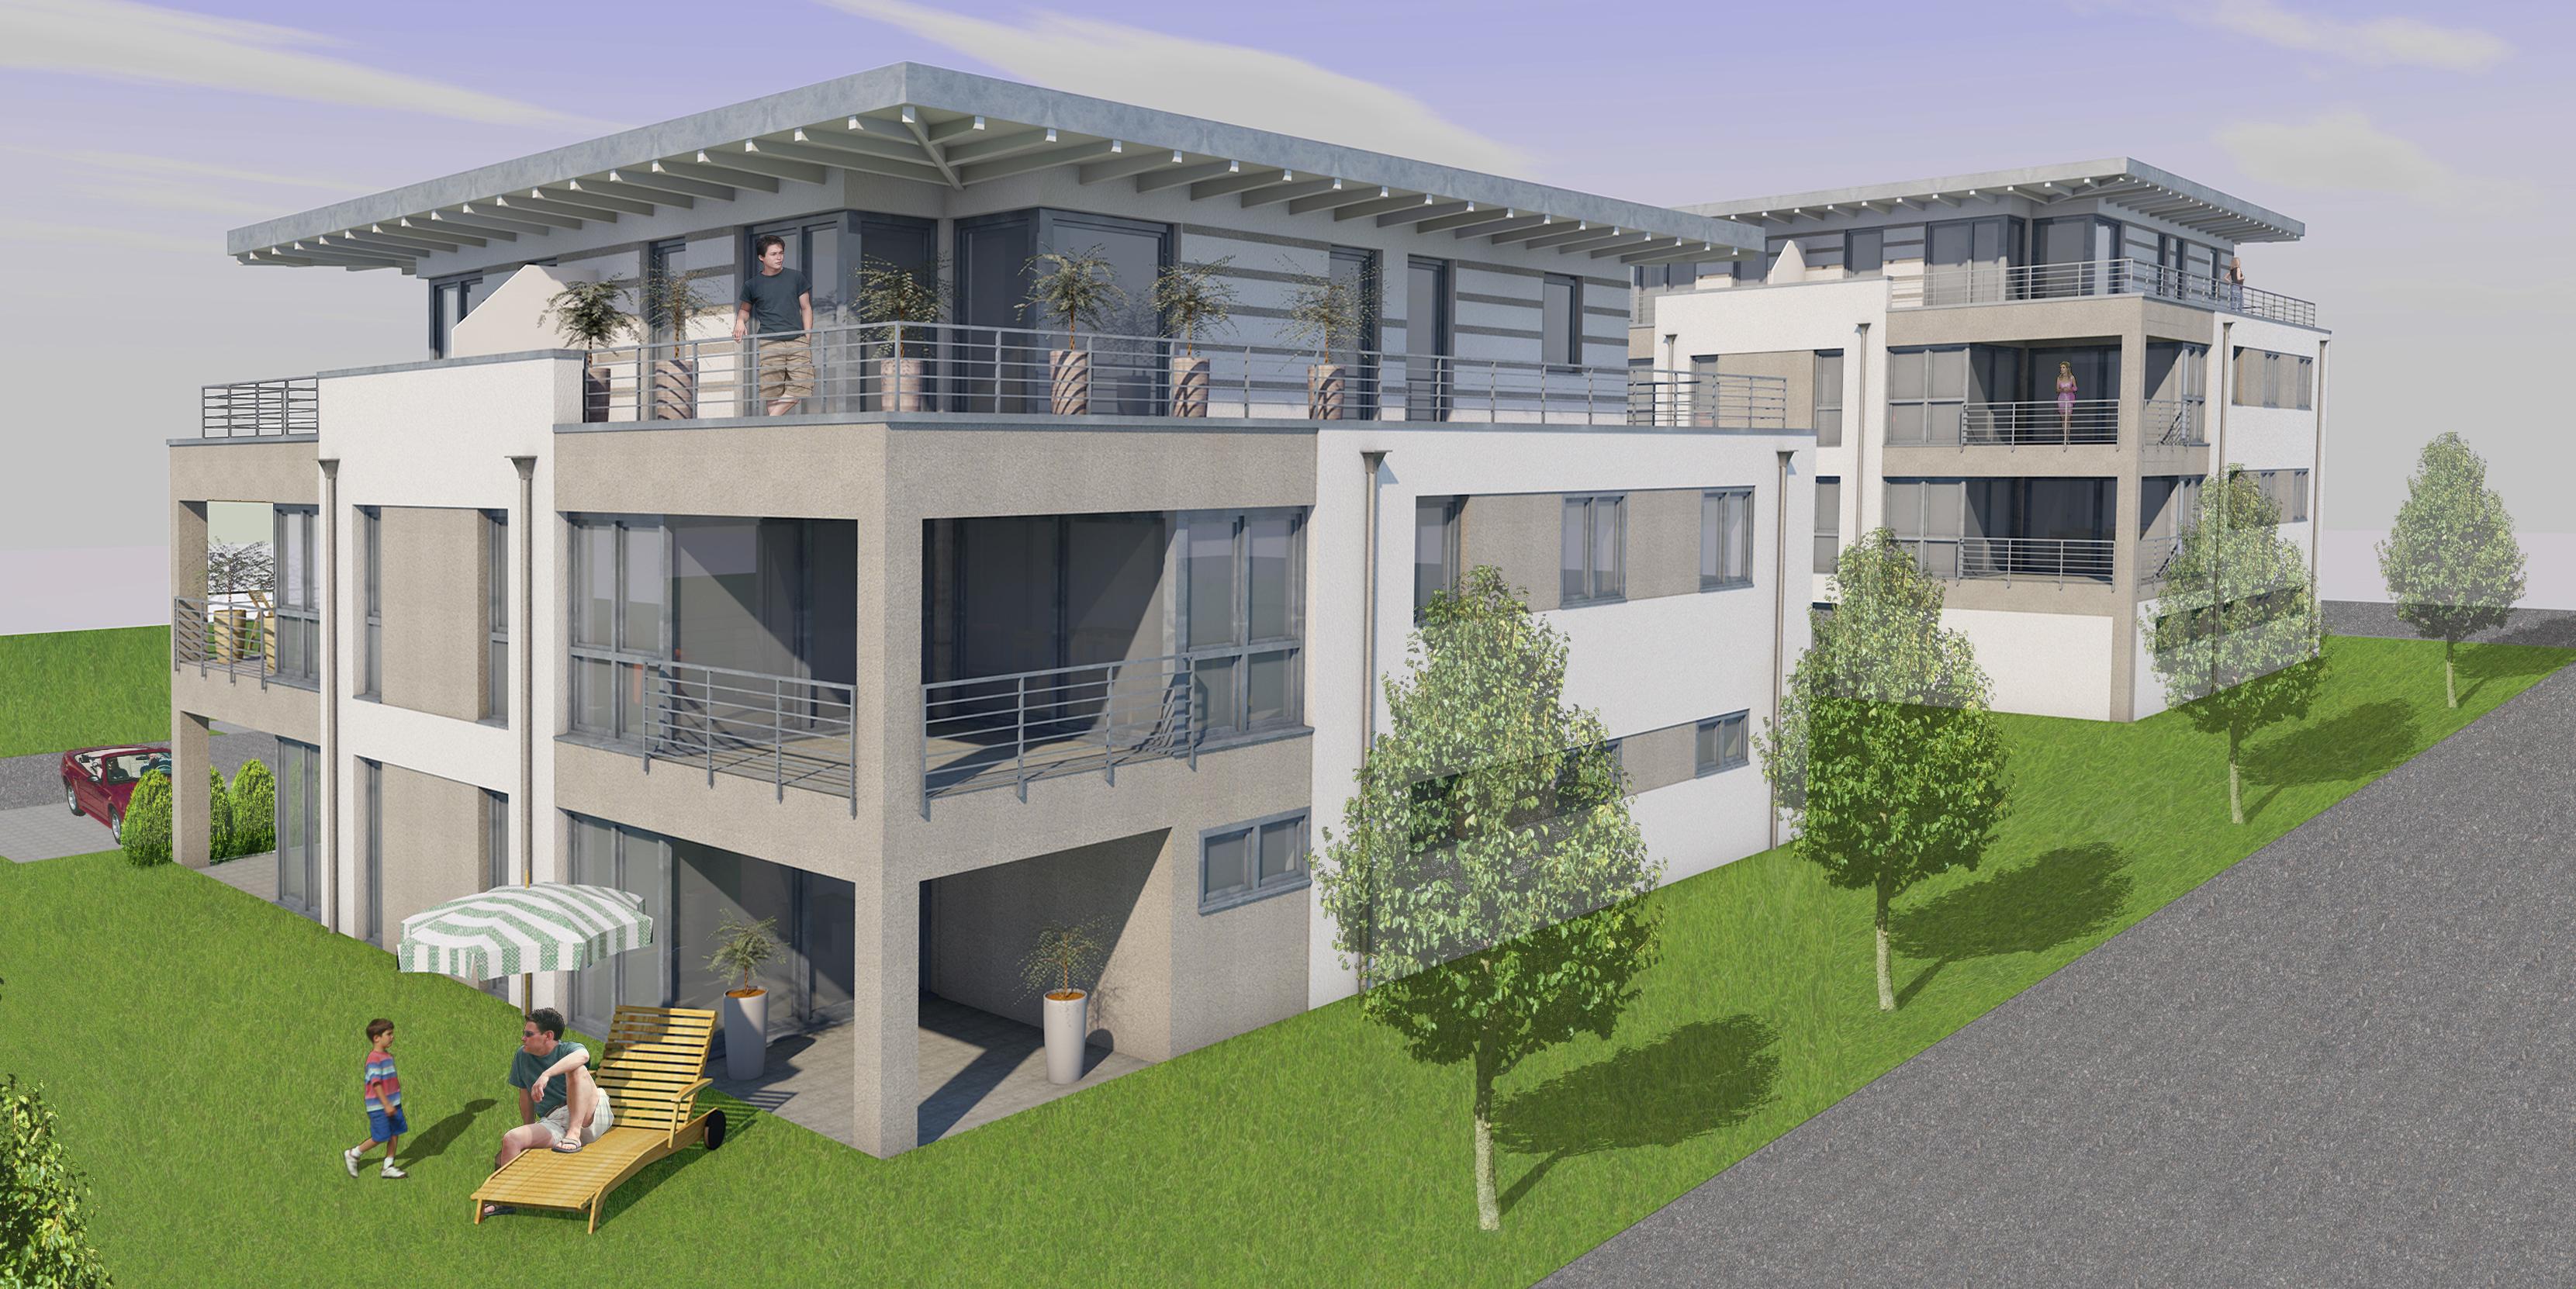 Oliver schr gel architekturb ro neubau mehrfamilienhaus for Mehrfamilienhaus neubau